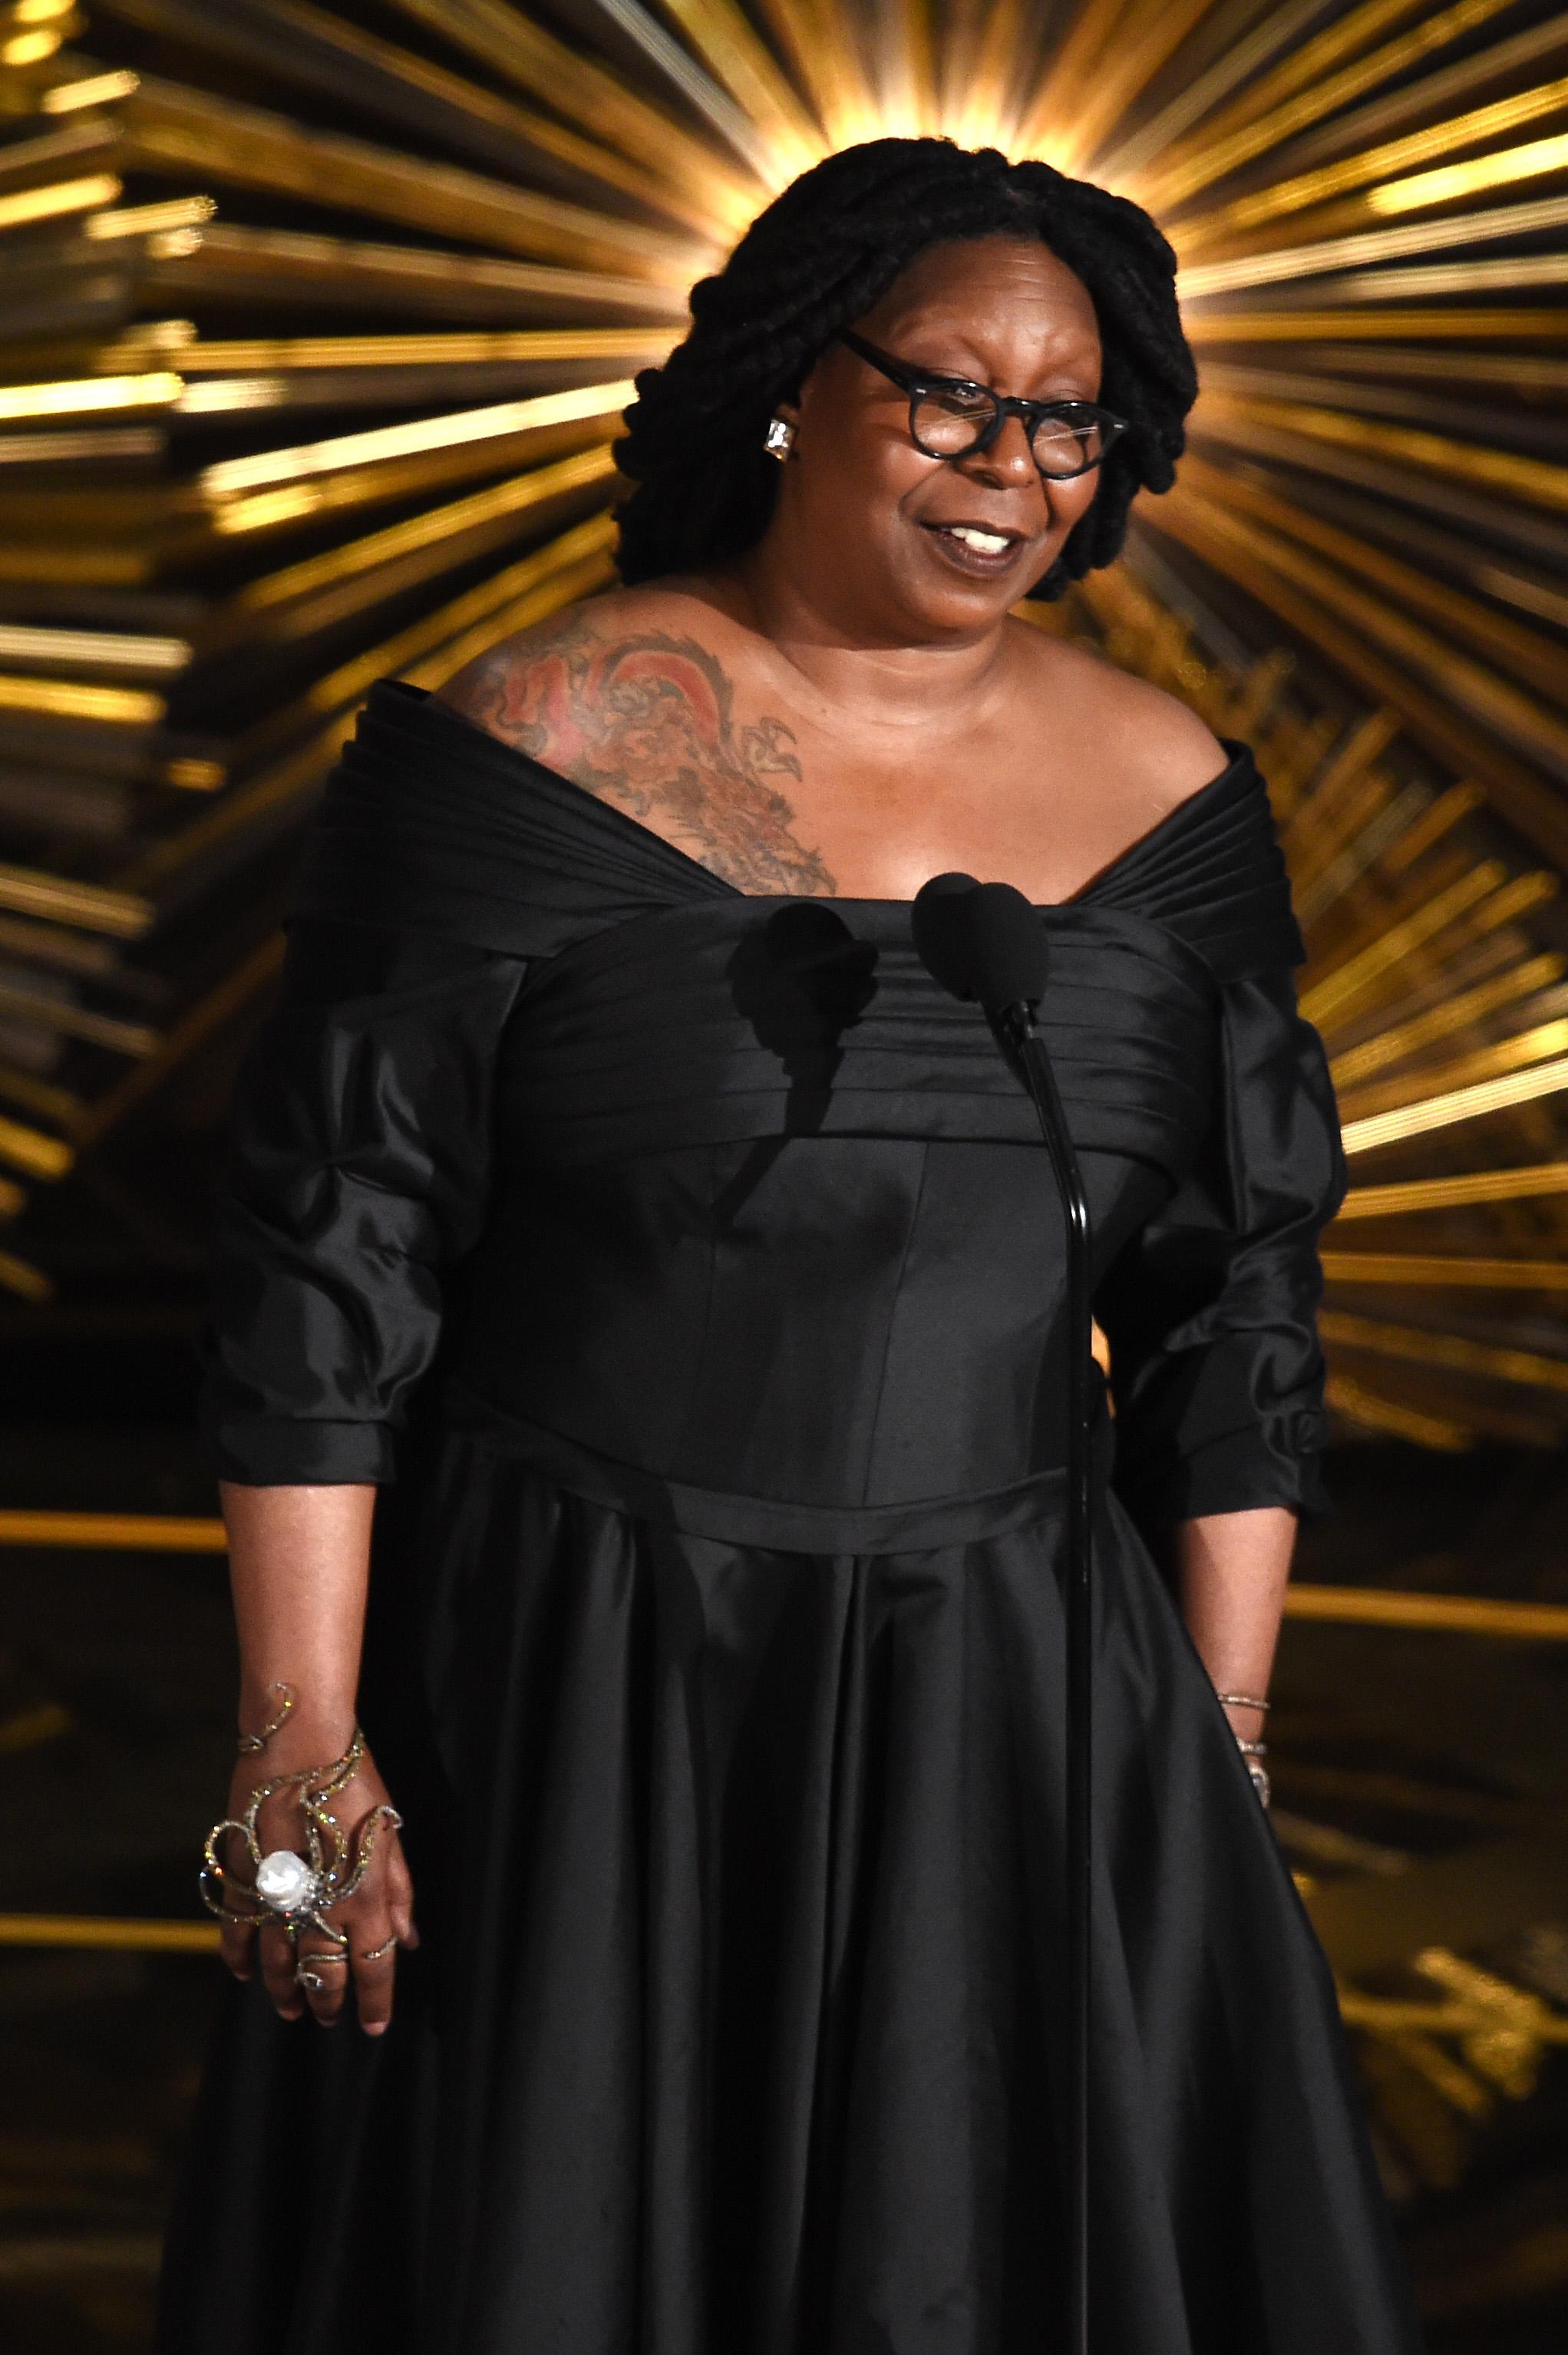 Whoopi Goldberg at the 88th Academy Awards.